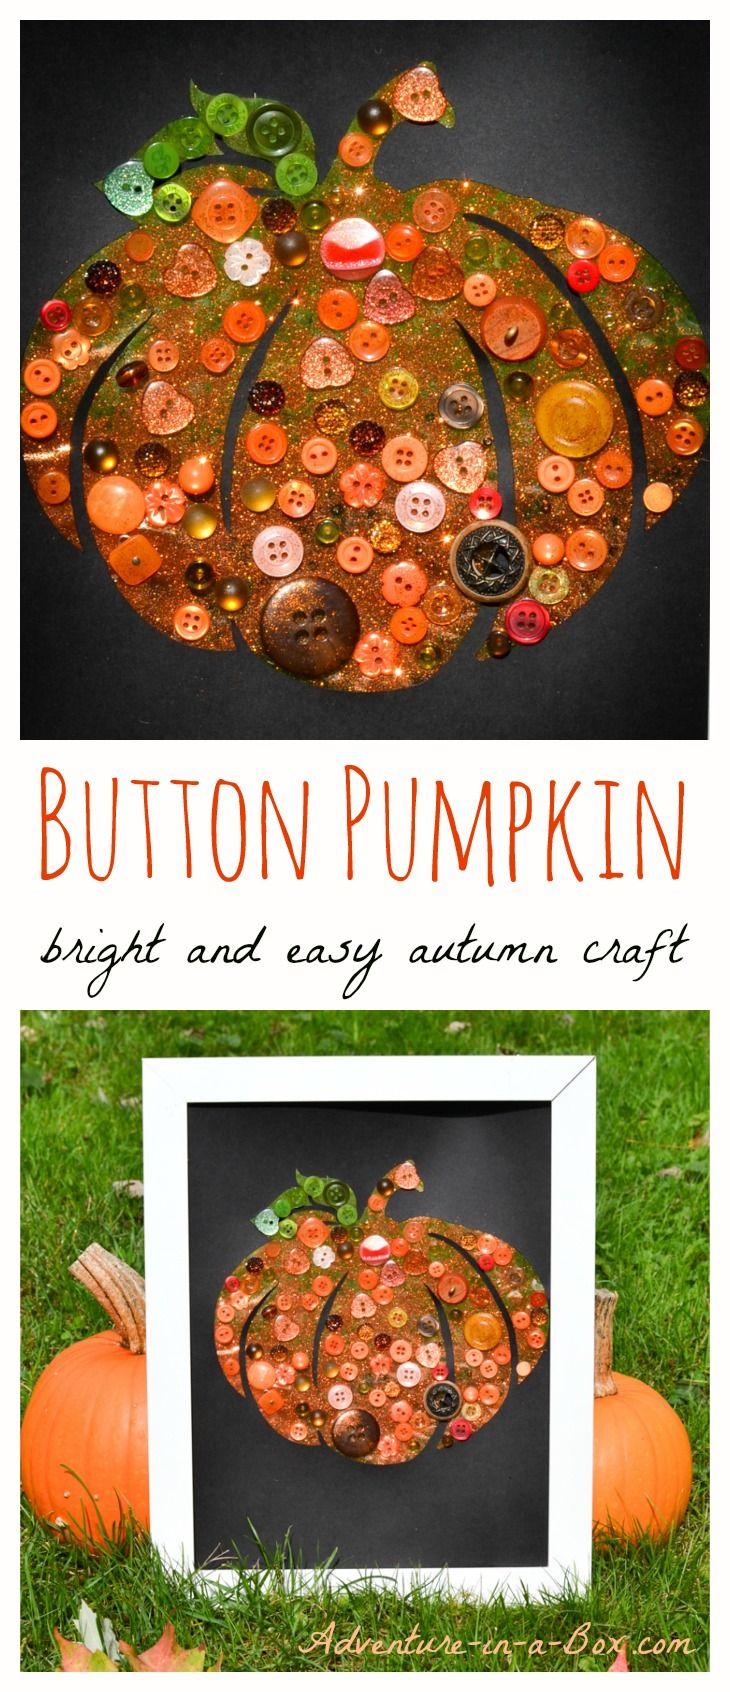 Button Pumpkin Craft: Bright and Easy Autumn Craft for Children